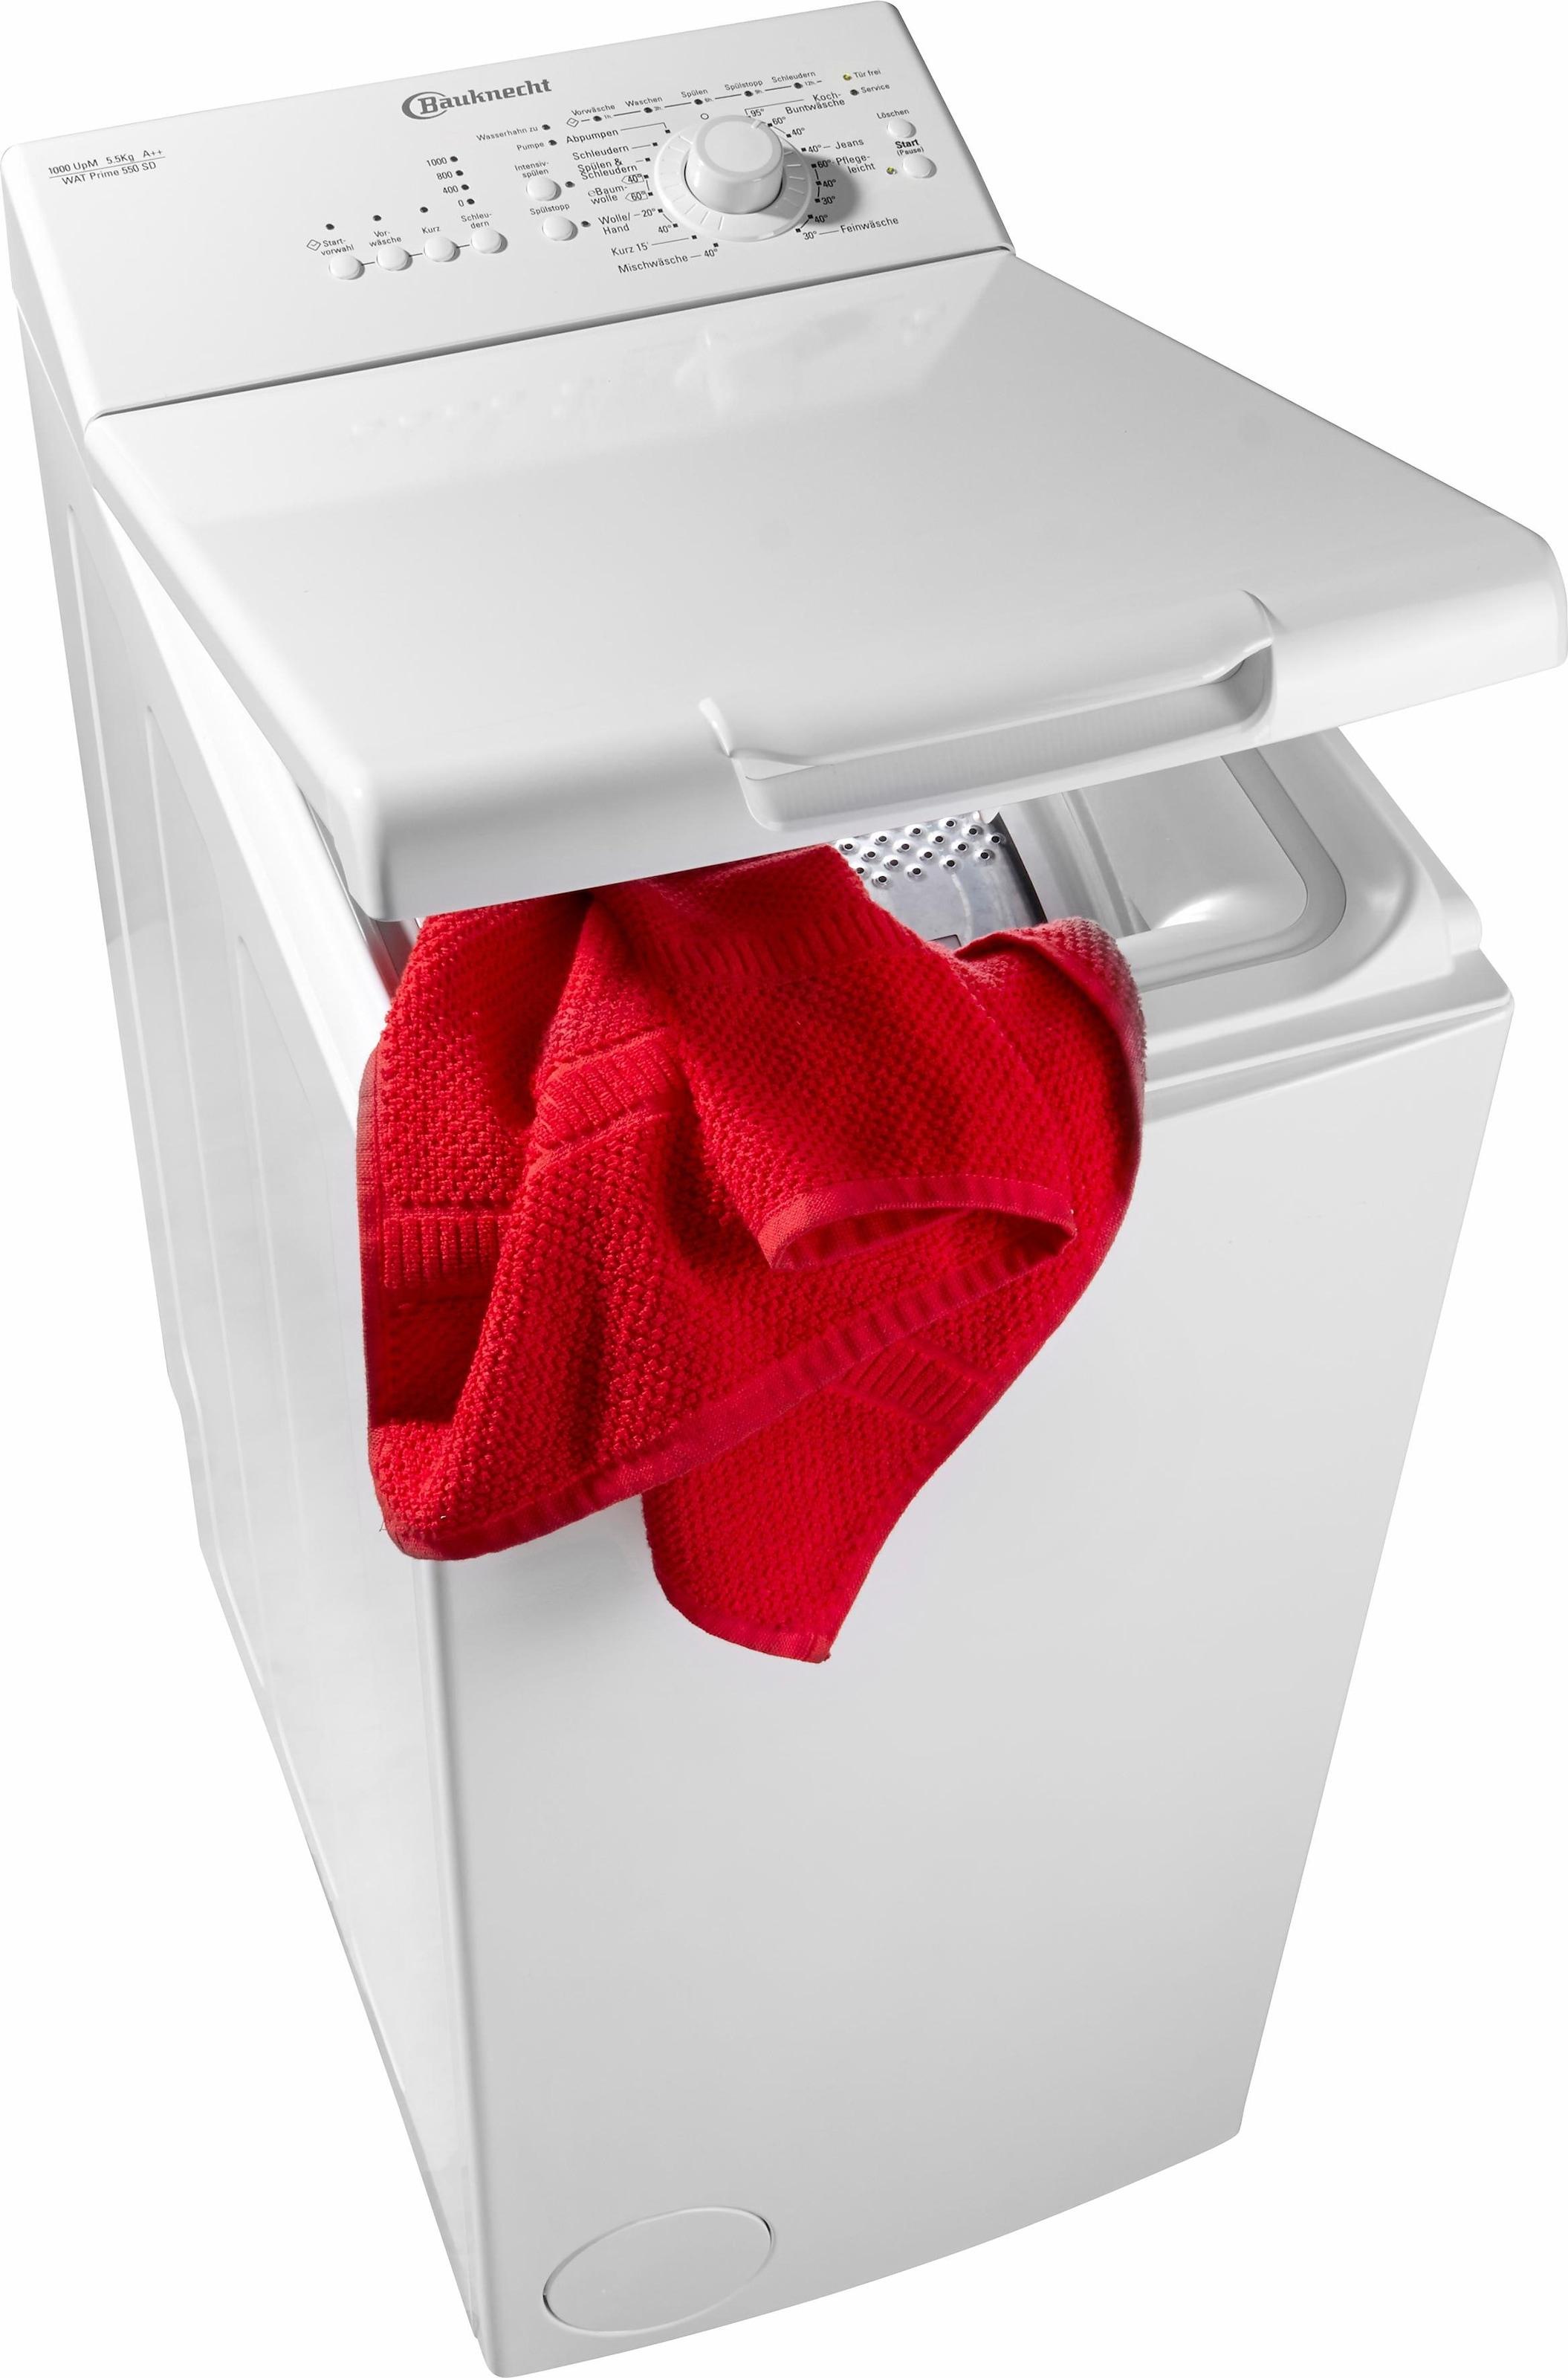 Toplader toplader waschmaschinen per ratenkauf kaufen baur